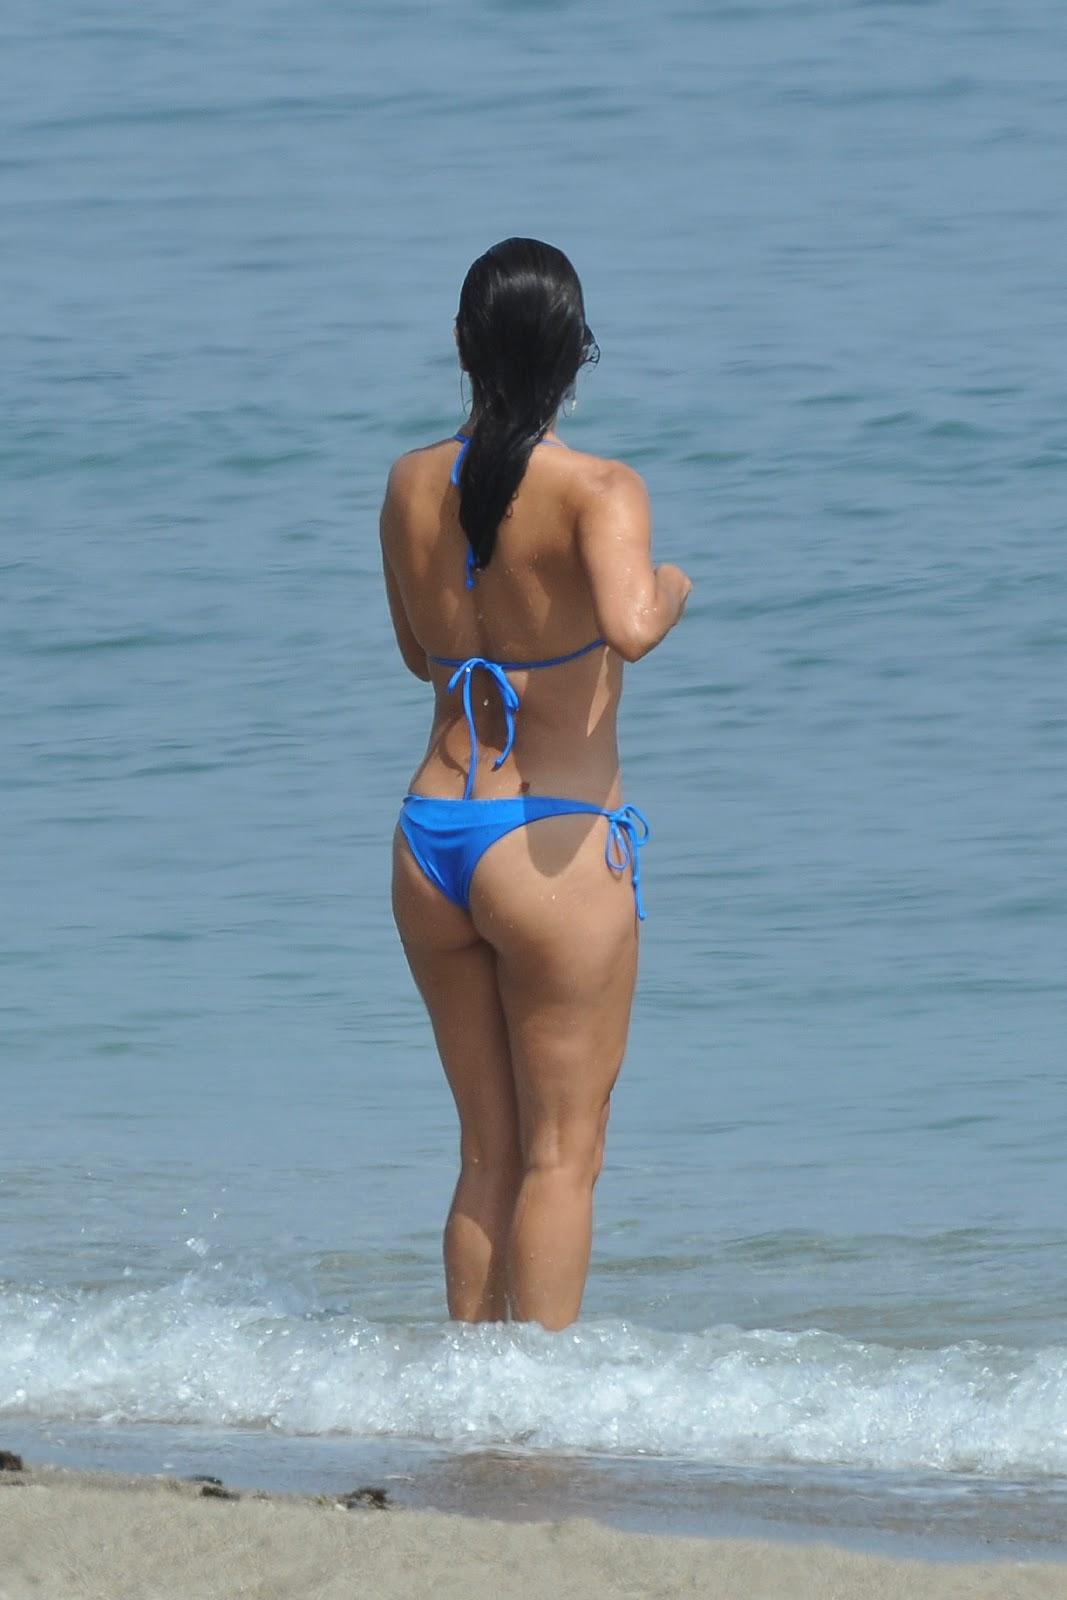 Extended bikini waxing